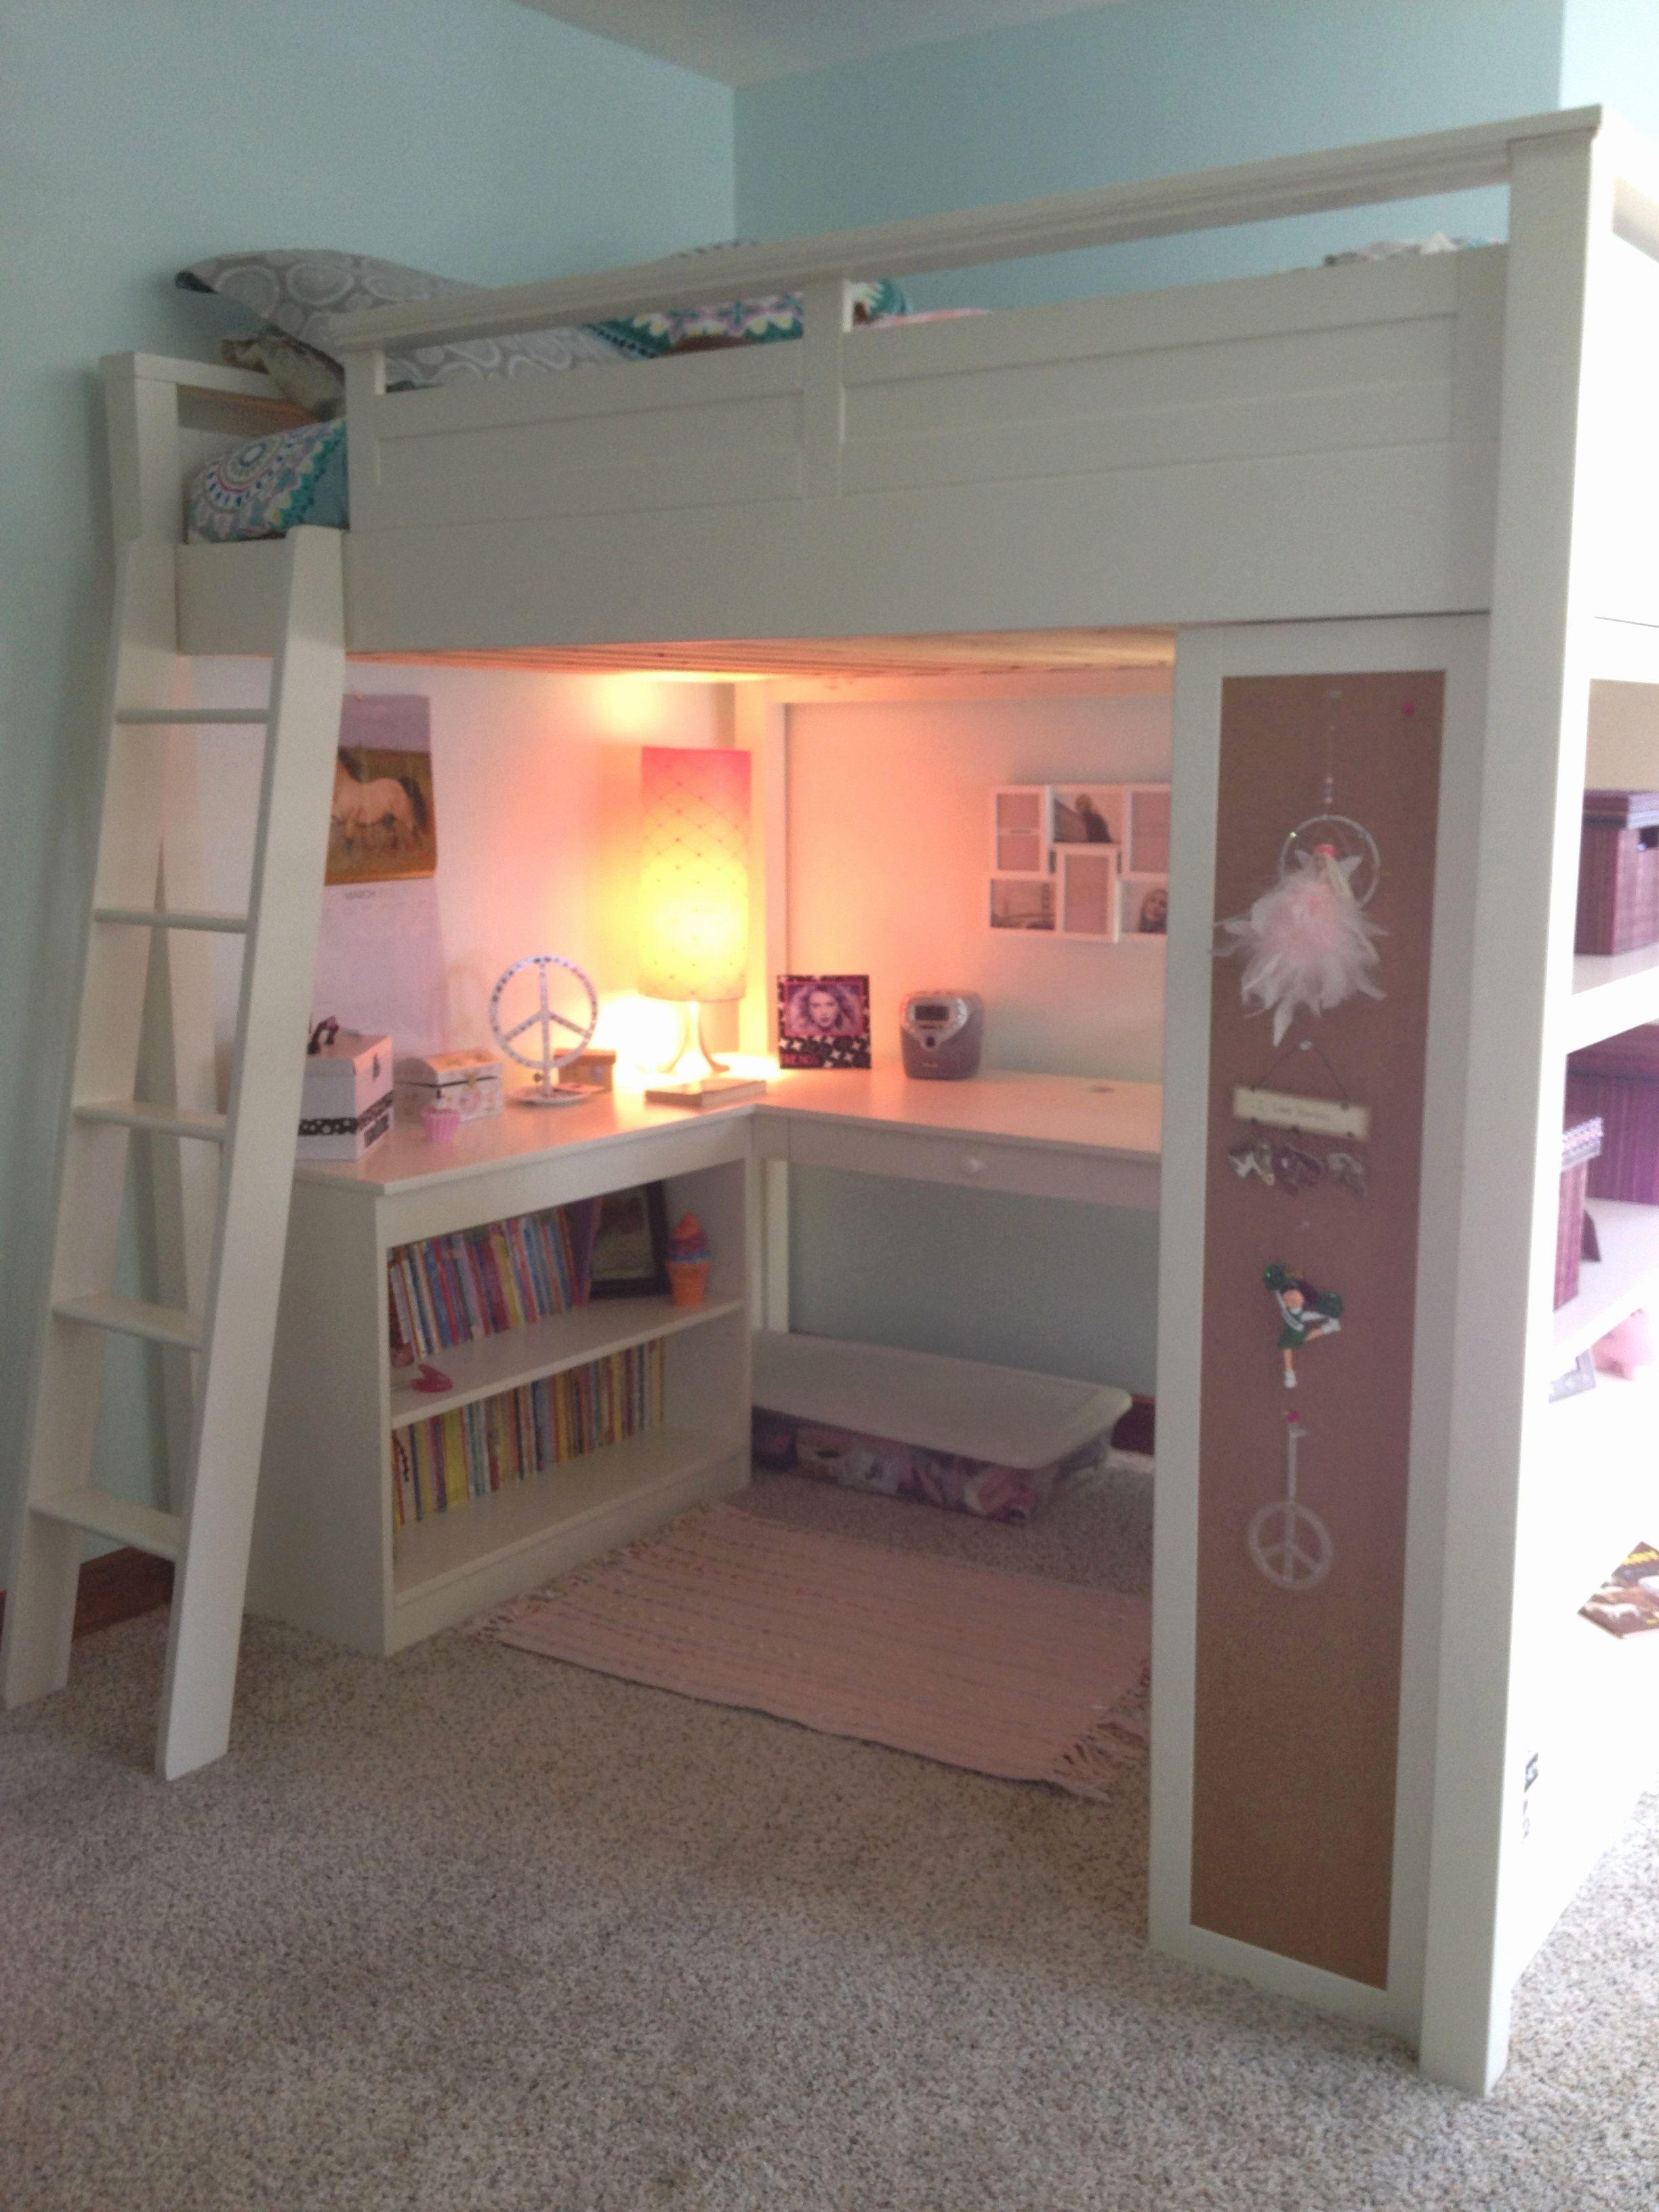 Lit Superposé Ado Unique étourdissant Chambre Mezzanine Ado Sur Lit Mezzanine Design Lit